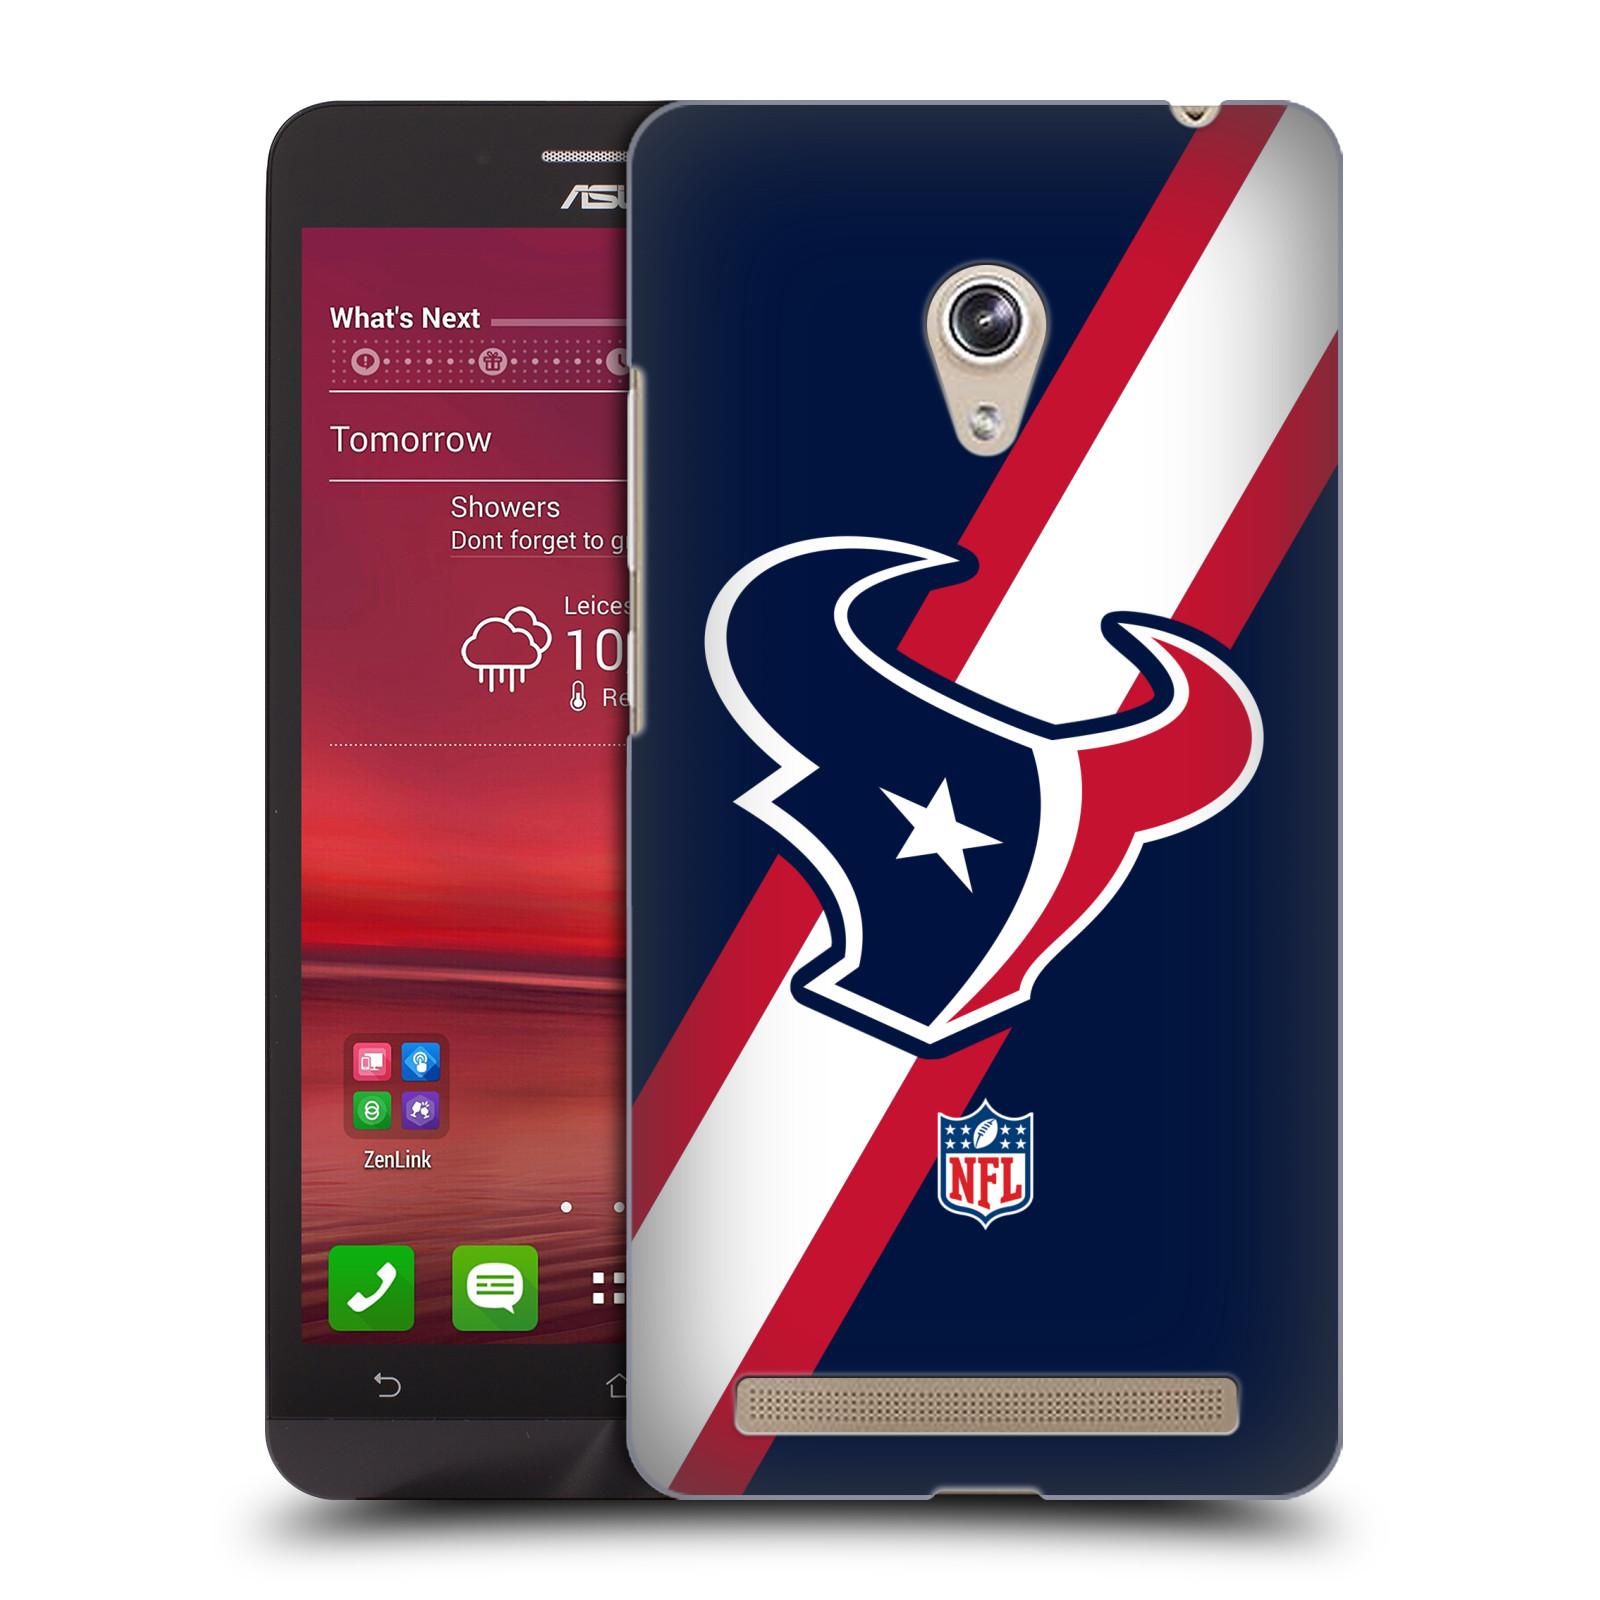 Plastové pouzdro na mobil Asus Zenfone 6 HEAD CASE NFL - Houston Texans (Plastový kryt či obal na mobilní telefon licencovaným motivem NFL pro Asus Zenfone 6 A600CG / A601CG)